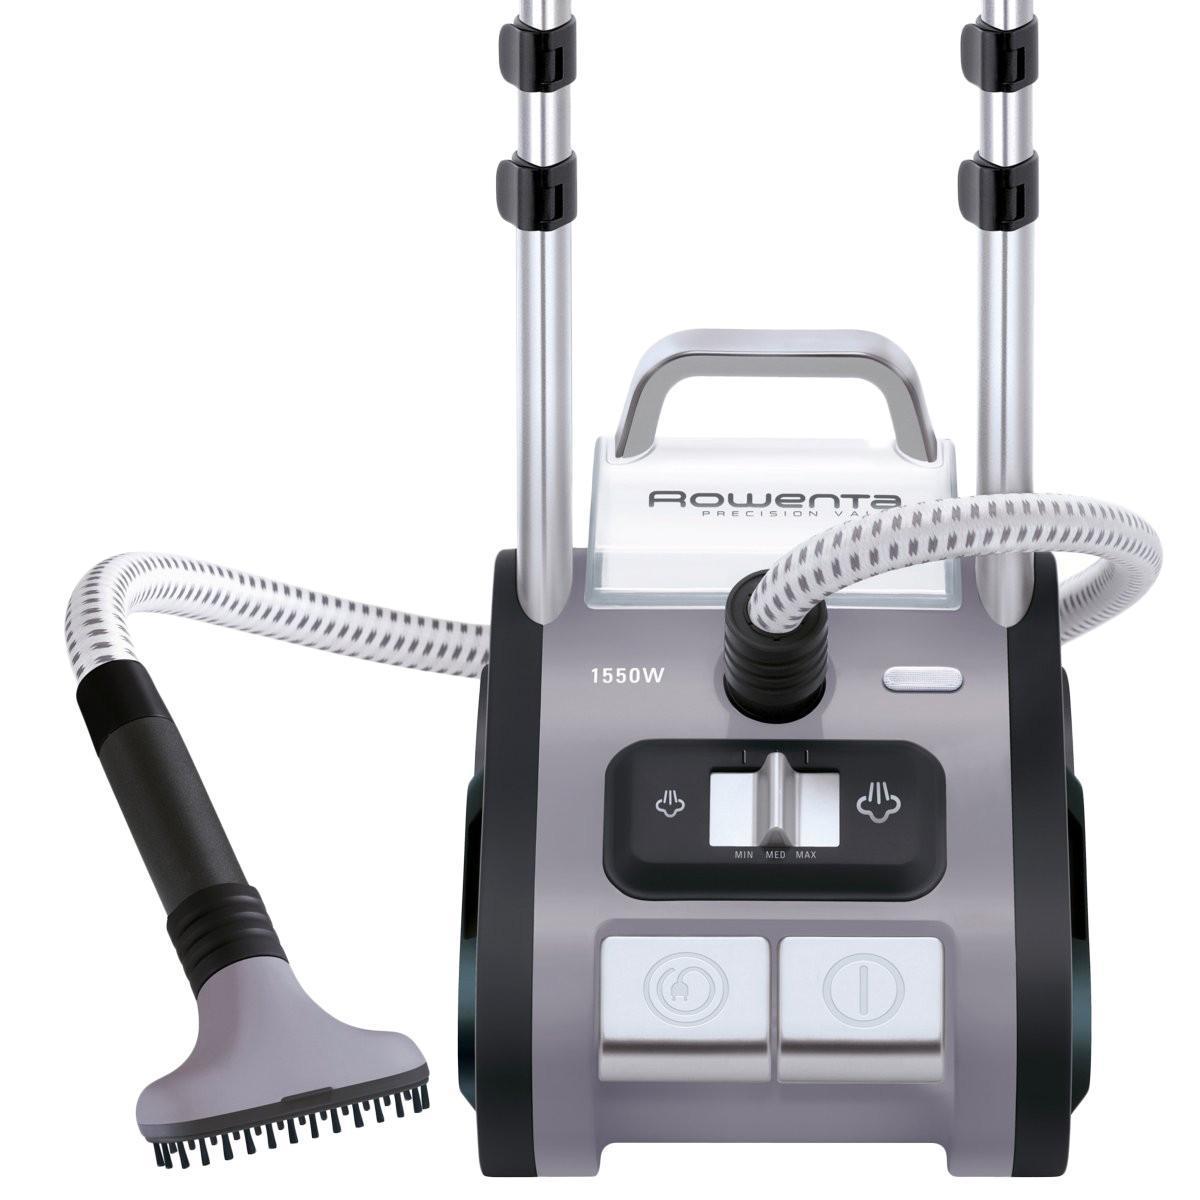 Rowenta IS9100D1 отпаривательIS9100D1Отпариватель Rowenta IS9100D1 не только качественно отпаривает ткань, но и освежает ее, устраняя бактерии и запахи. Производительность подачи пара составляет 30 г/мин, а также ее можно отрегулировать с помощью 3 позиций установки. Rowenta IS9100D1 будет готов к работе уже через 60 секунд! Имеет два отсека для хранения насадок. Вещи можно вешать на удобные плечики. Резервуар для воды легко снимается. Также доступна функция автоматического сматывания шнура.